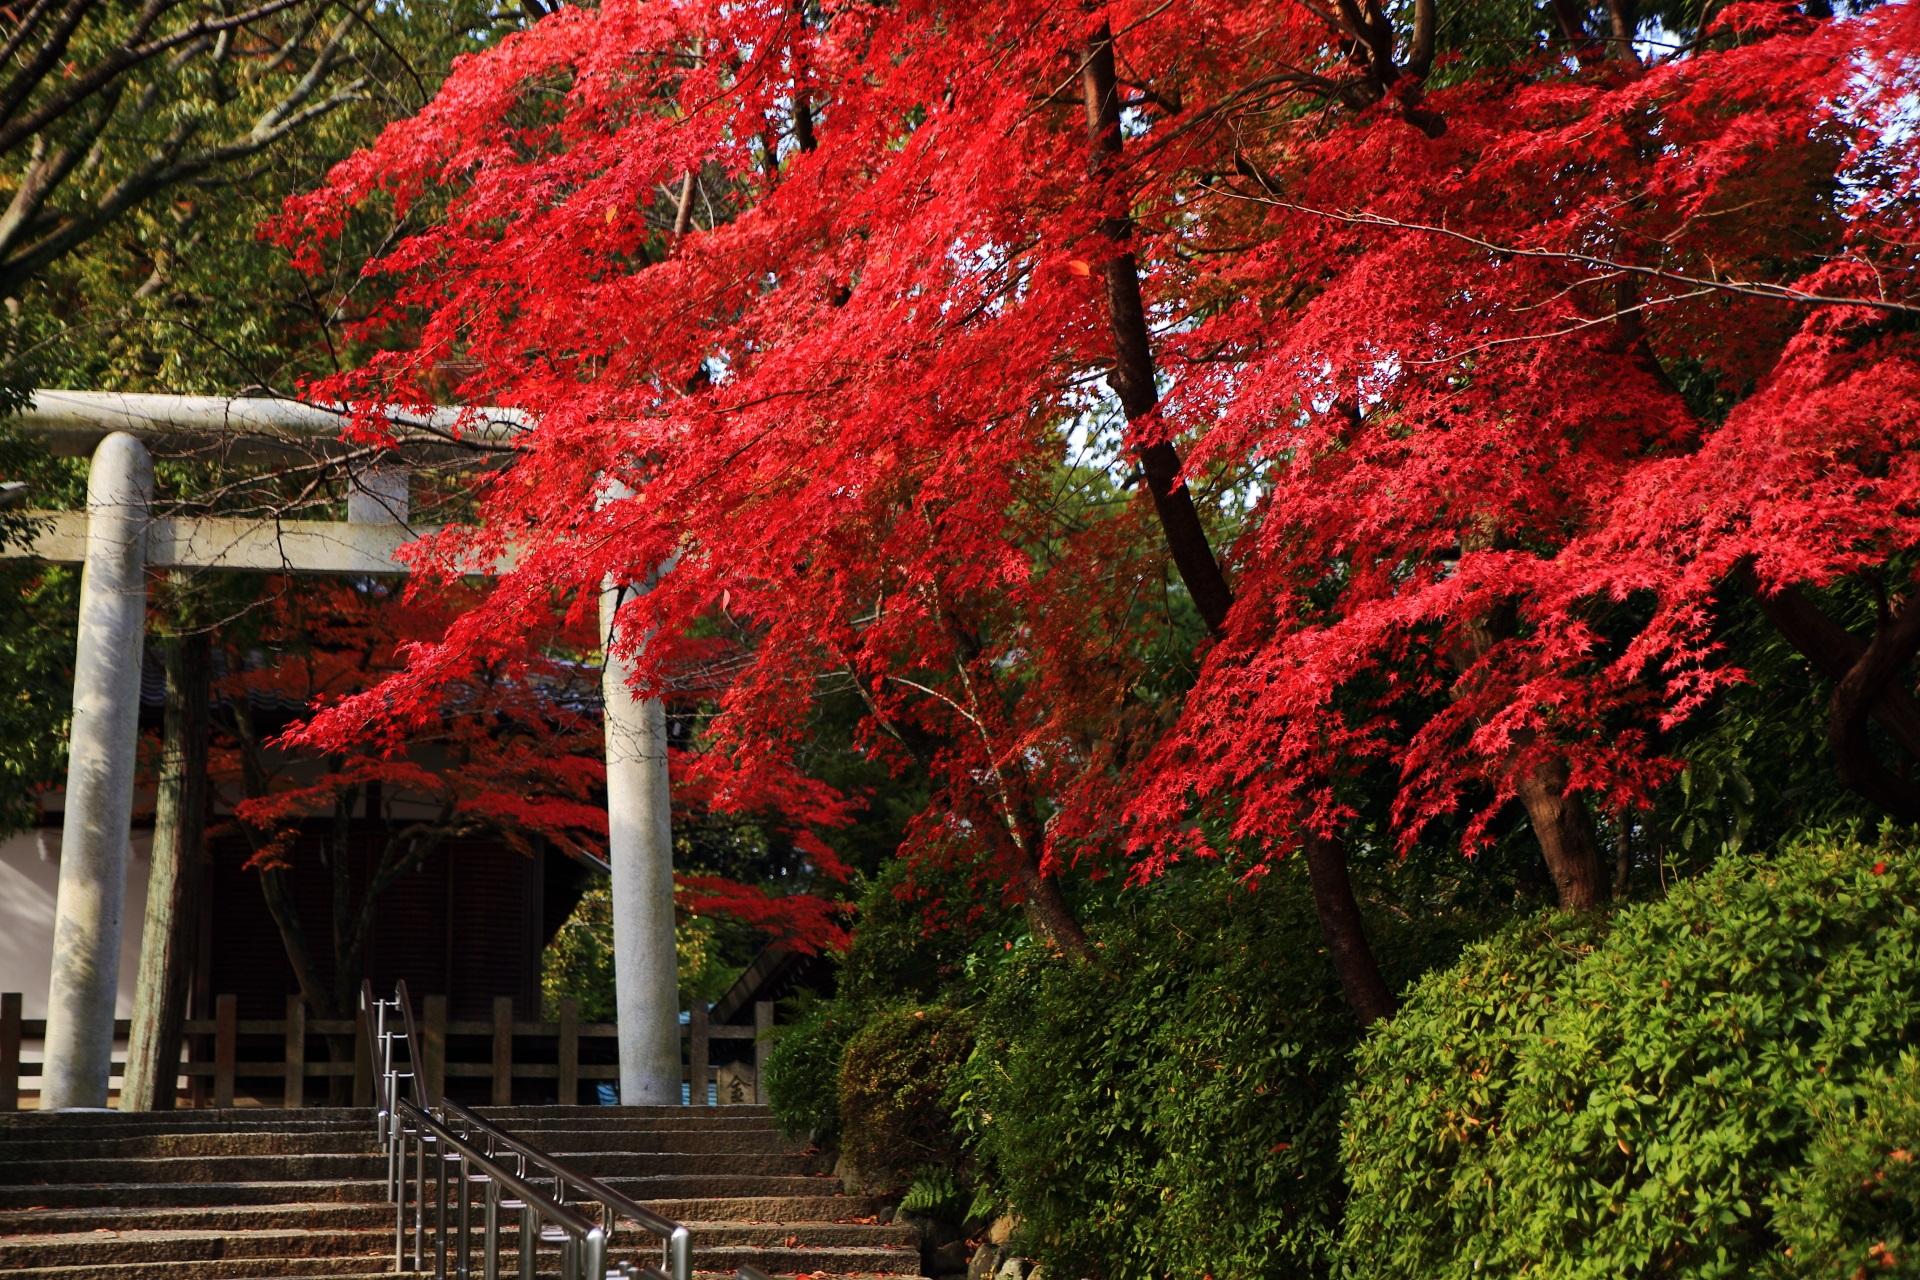 宗忠神社 紅葉 石段と鳥居を彩る鮮やかなもみじ